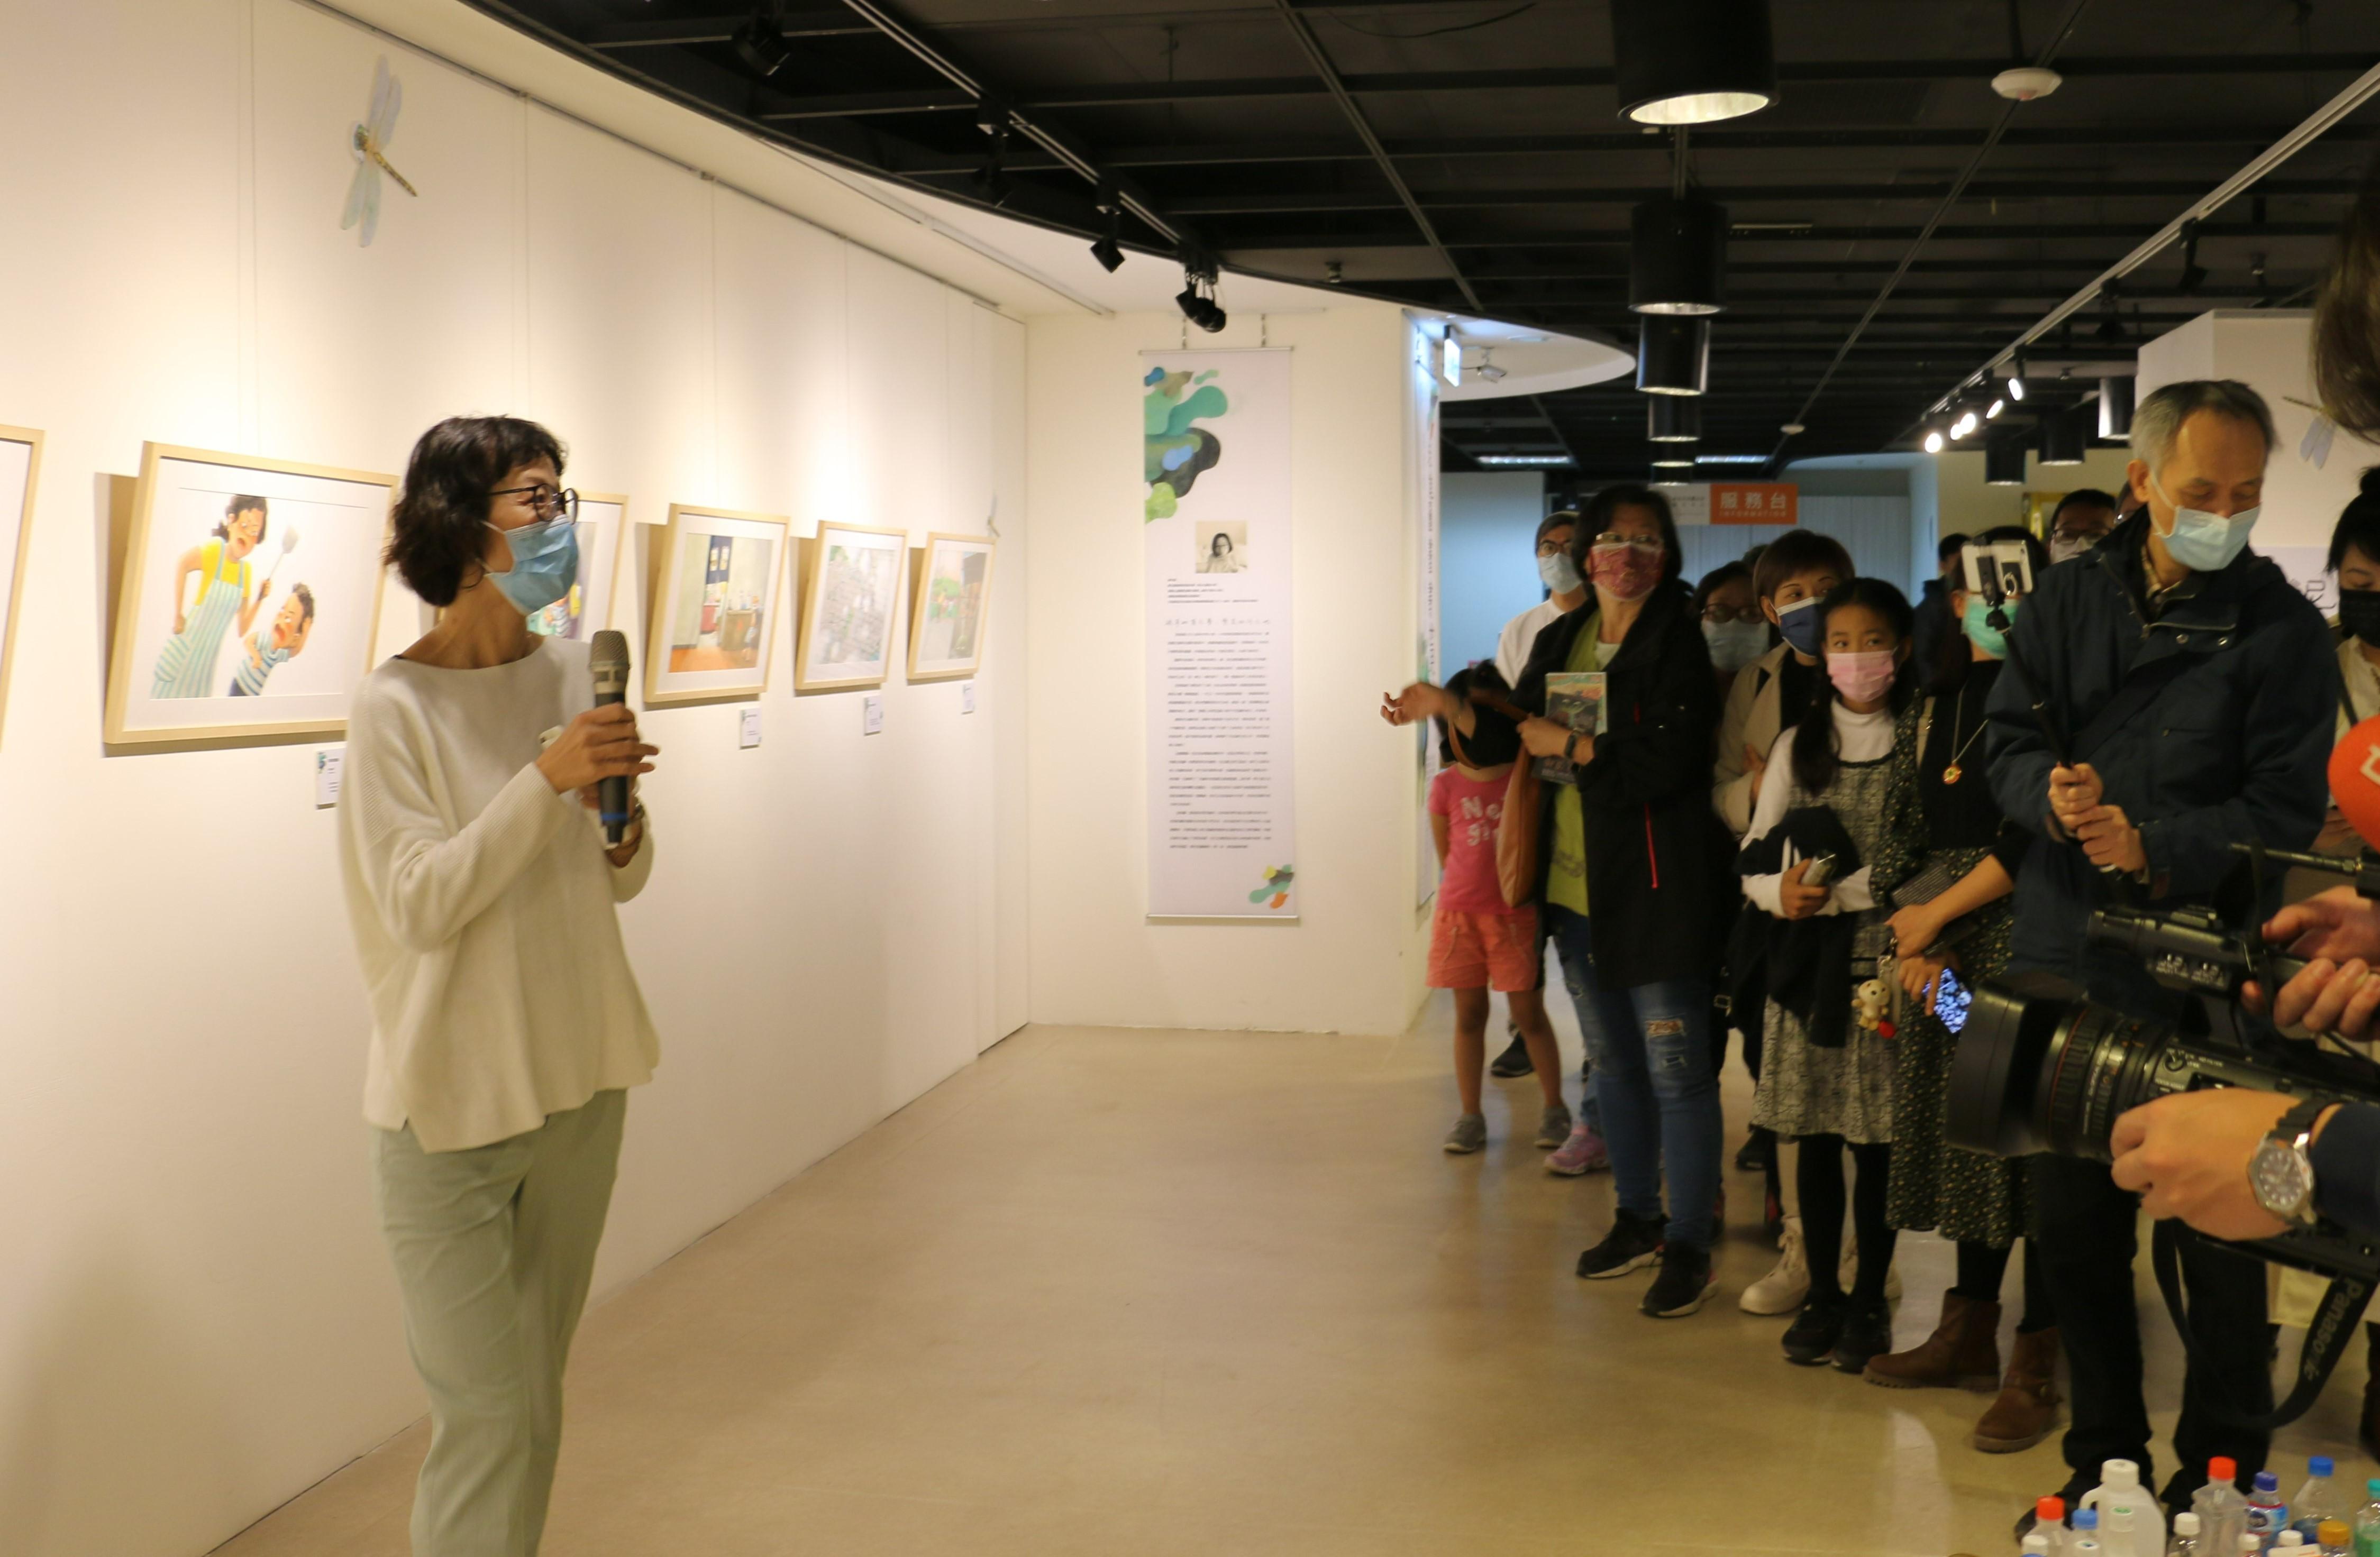 《醜泥怪》繪本畫家邱千容帶領現場貴賓及民眾進行導覽